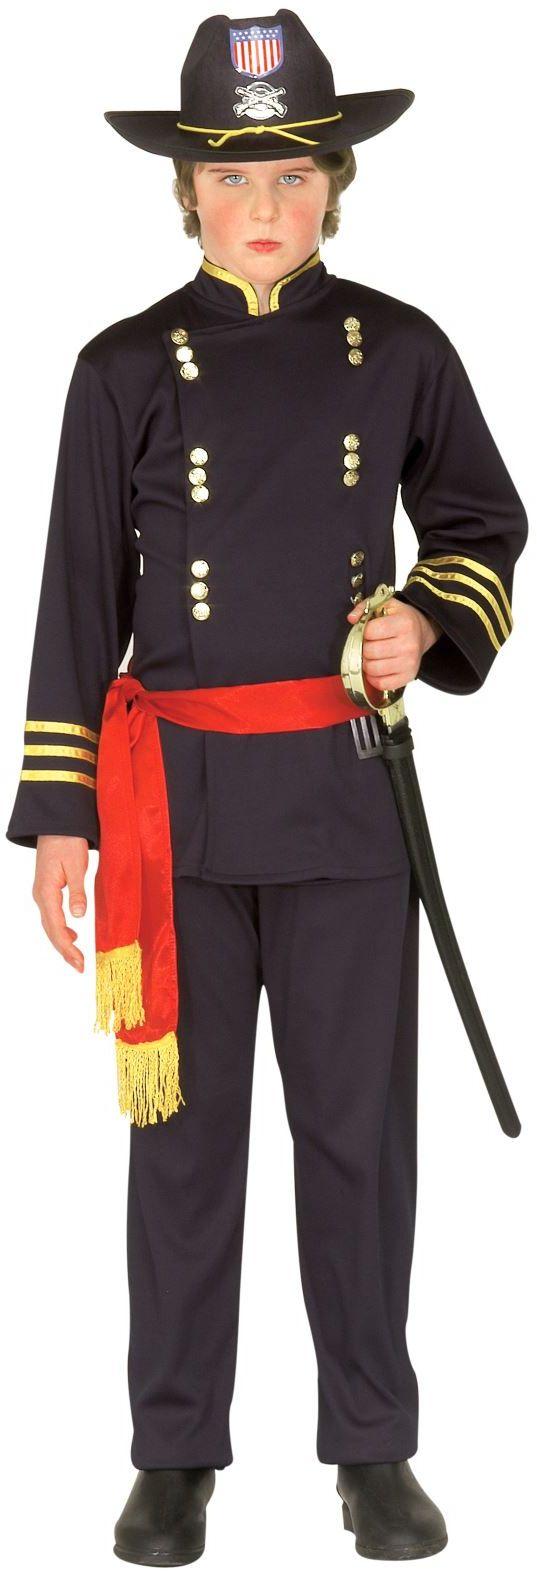 Generaal kostuum kind